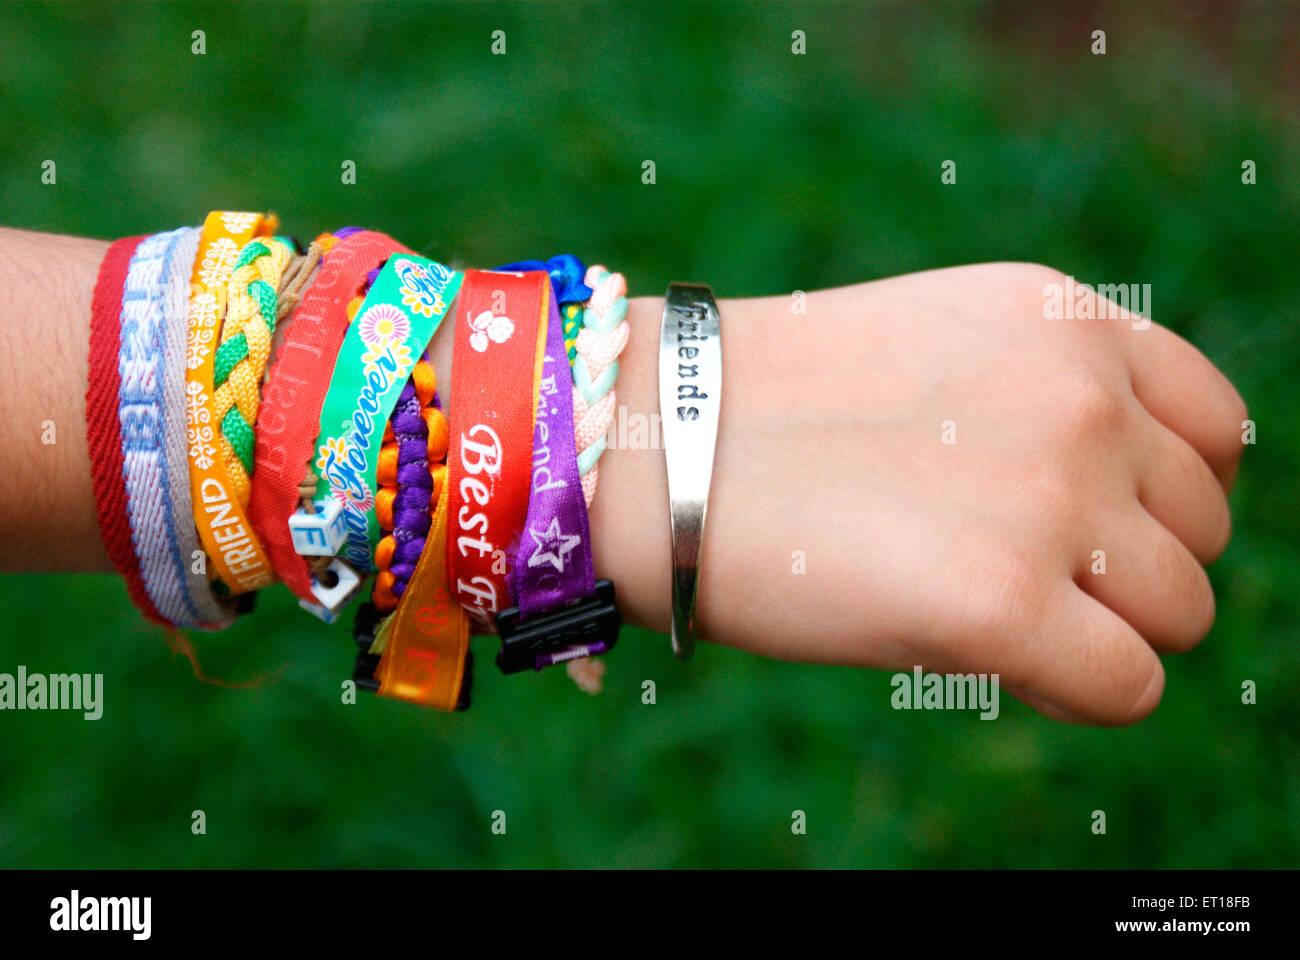 Freundschaft Bands Spangen an Hand gebunden grüner Hintergrund Herr Nr. 364 - Stockbild